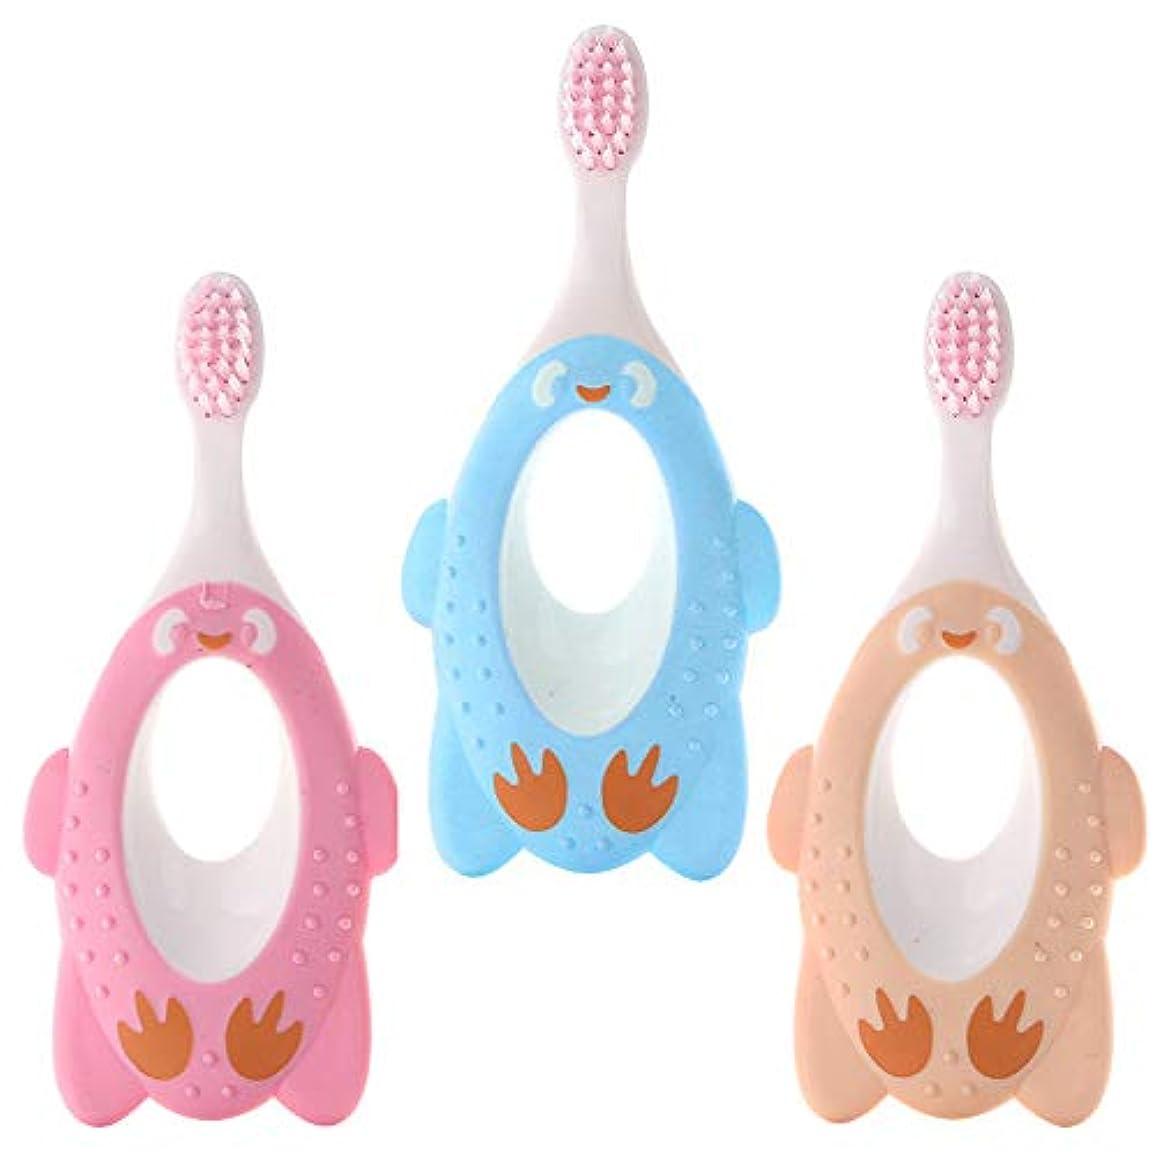 白鳥大西洋構想する子供歯ブラシ 歯ブラシ 可愛い 漫画 柔らかい 歯 きれい 3本入